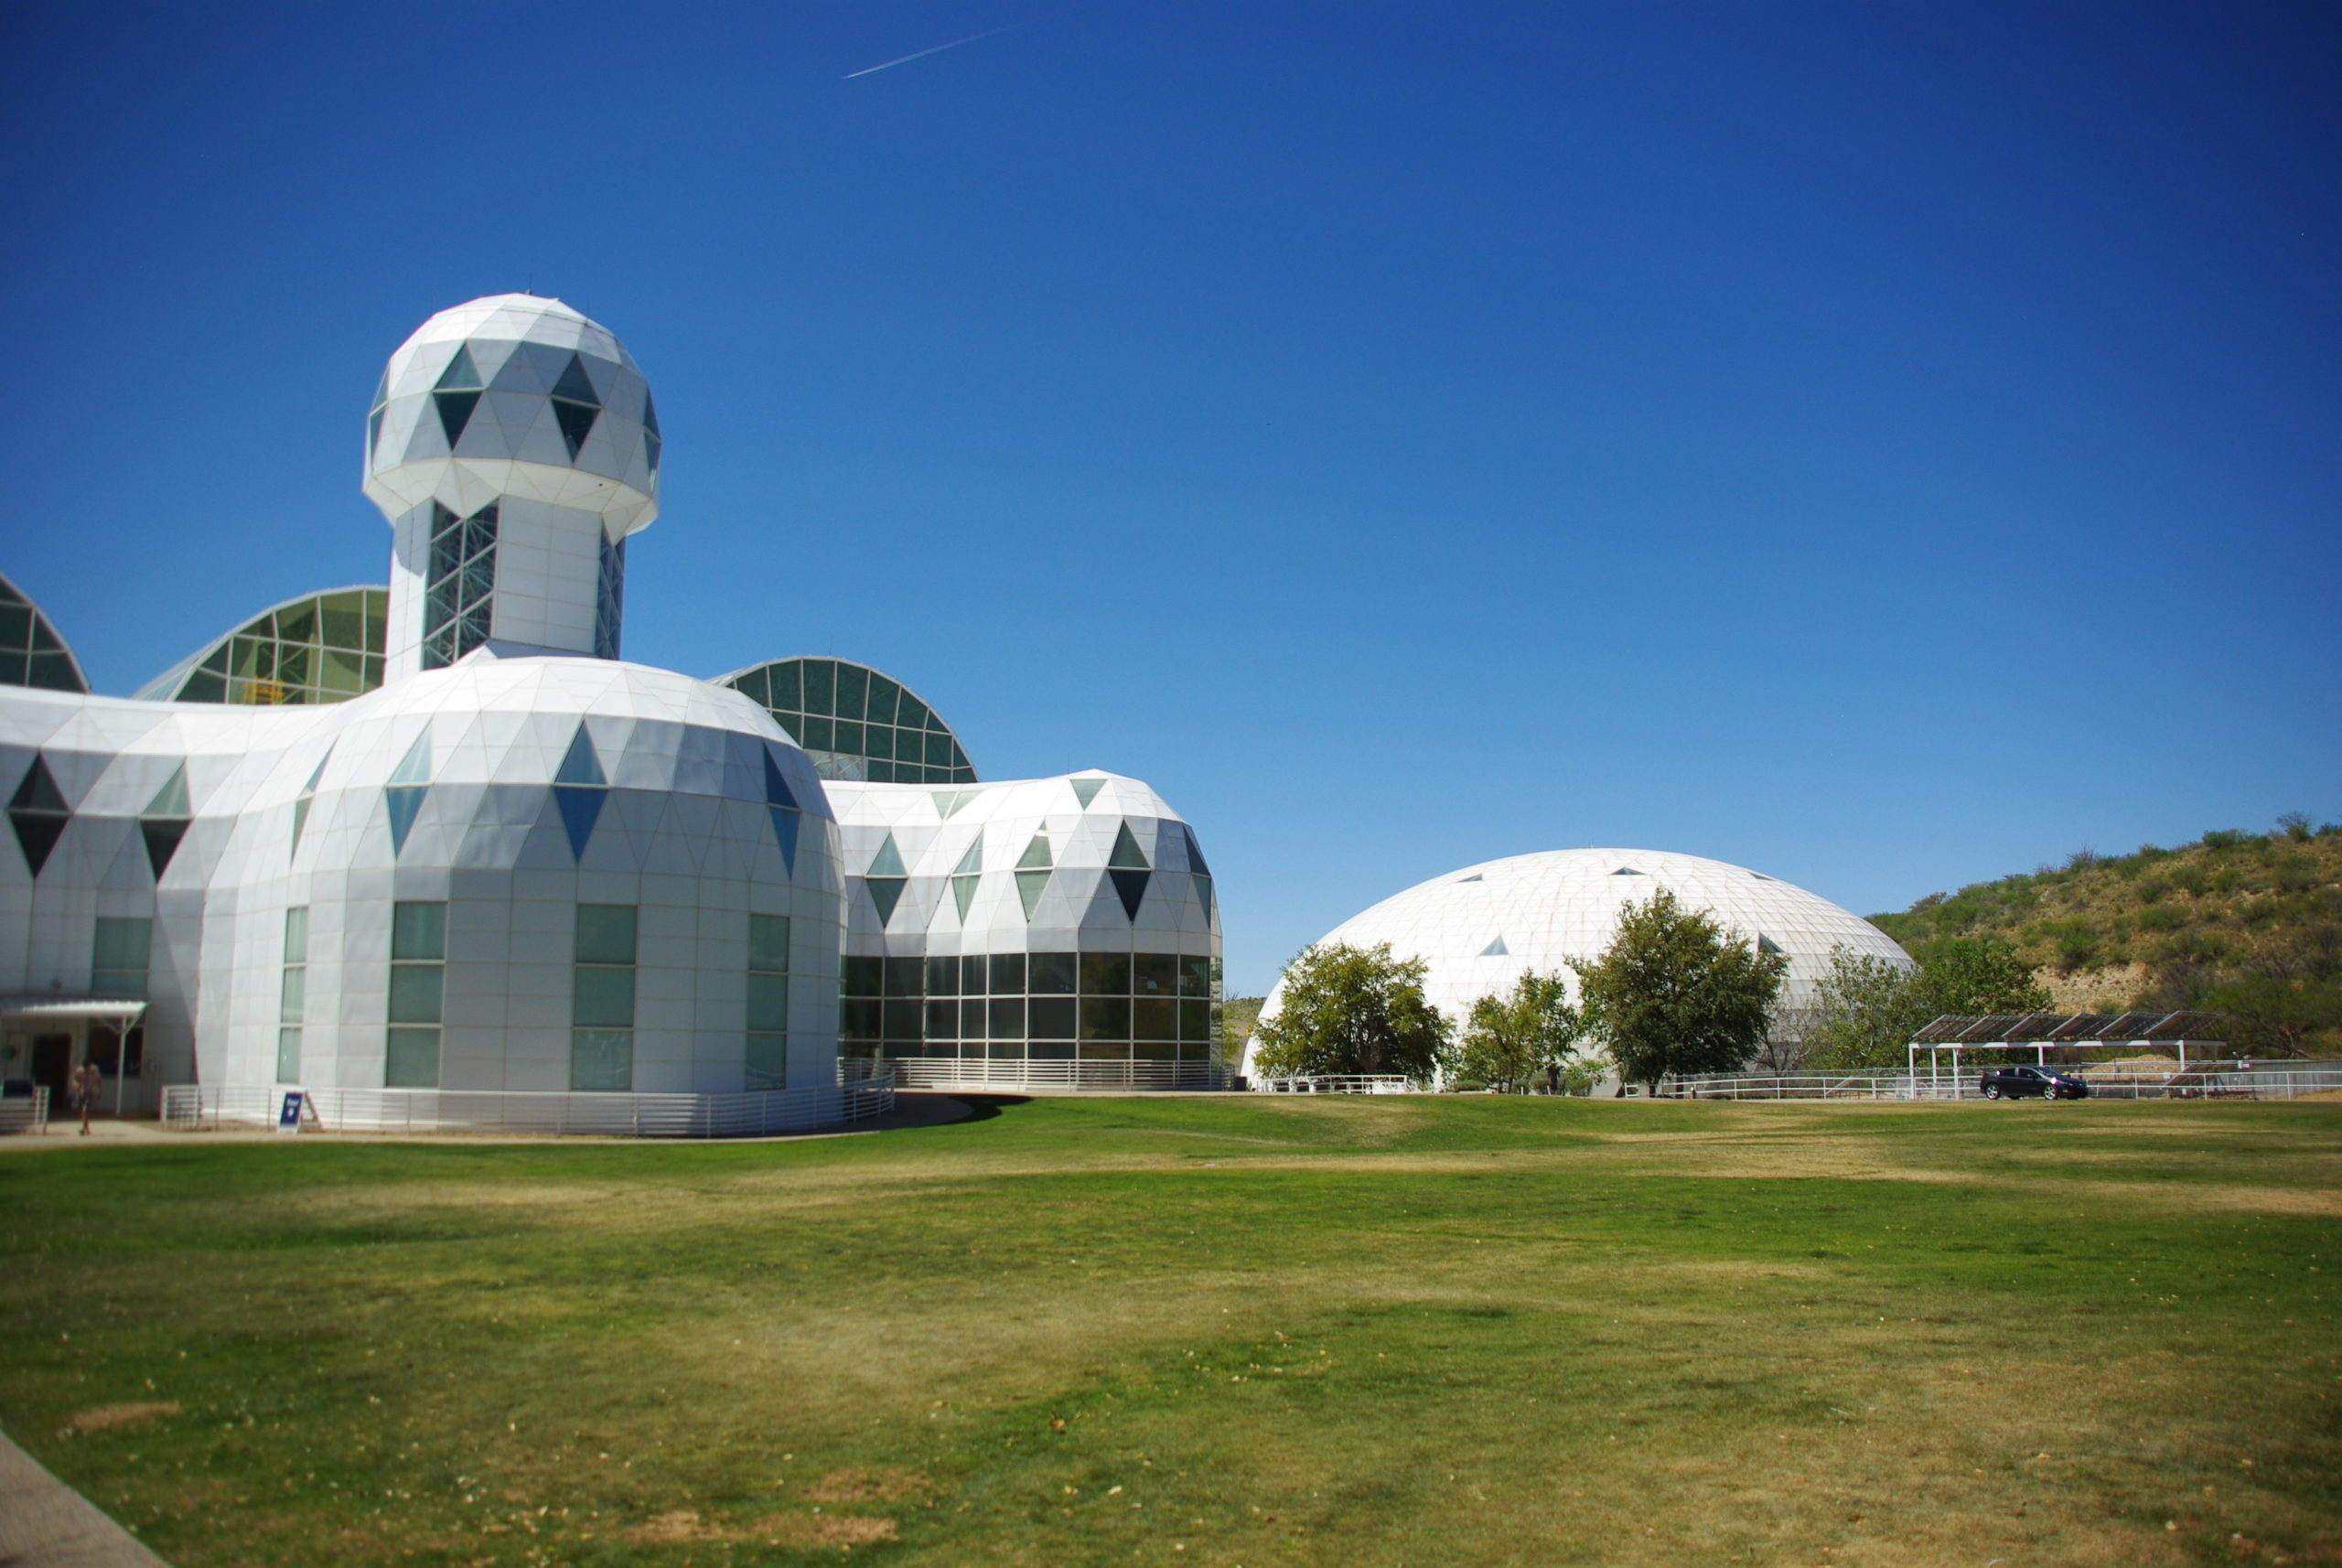 Le laboratoire Biosphère 2 à l'Université d'Arizona étudie l'impact du changement climatique sur les forêts tropicales